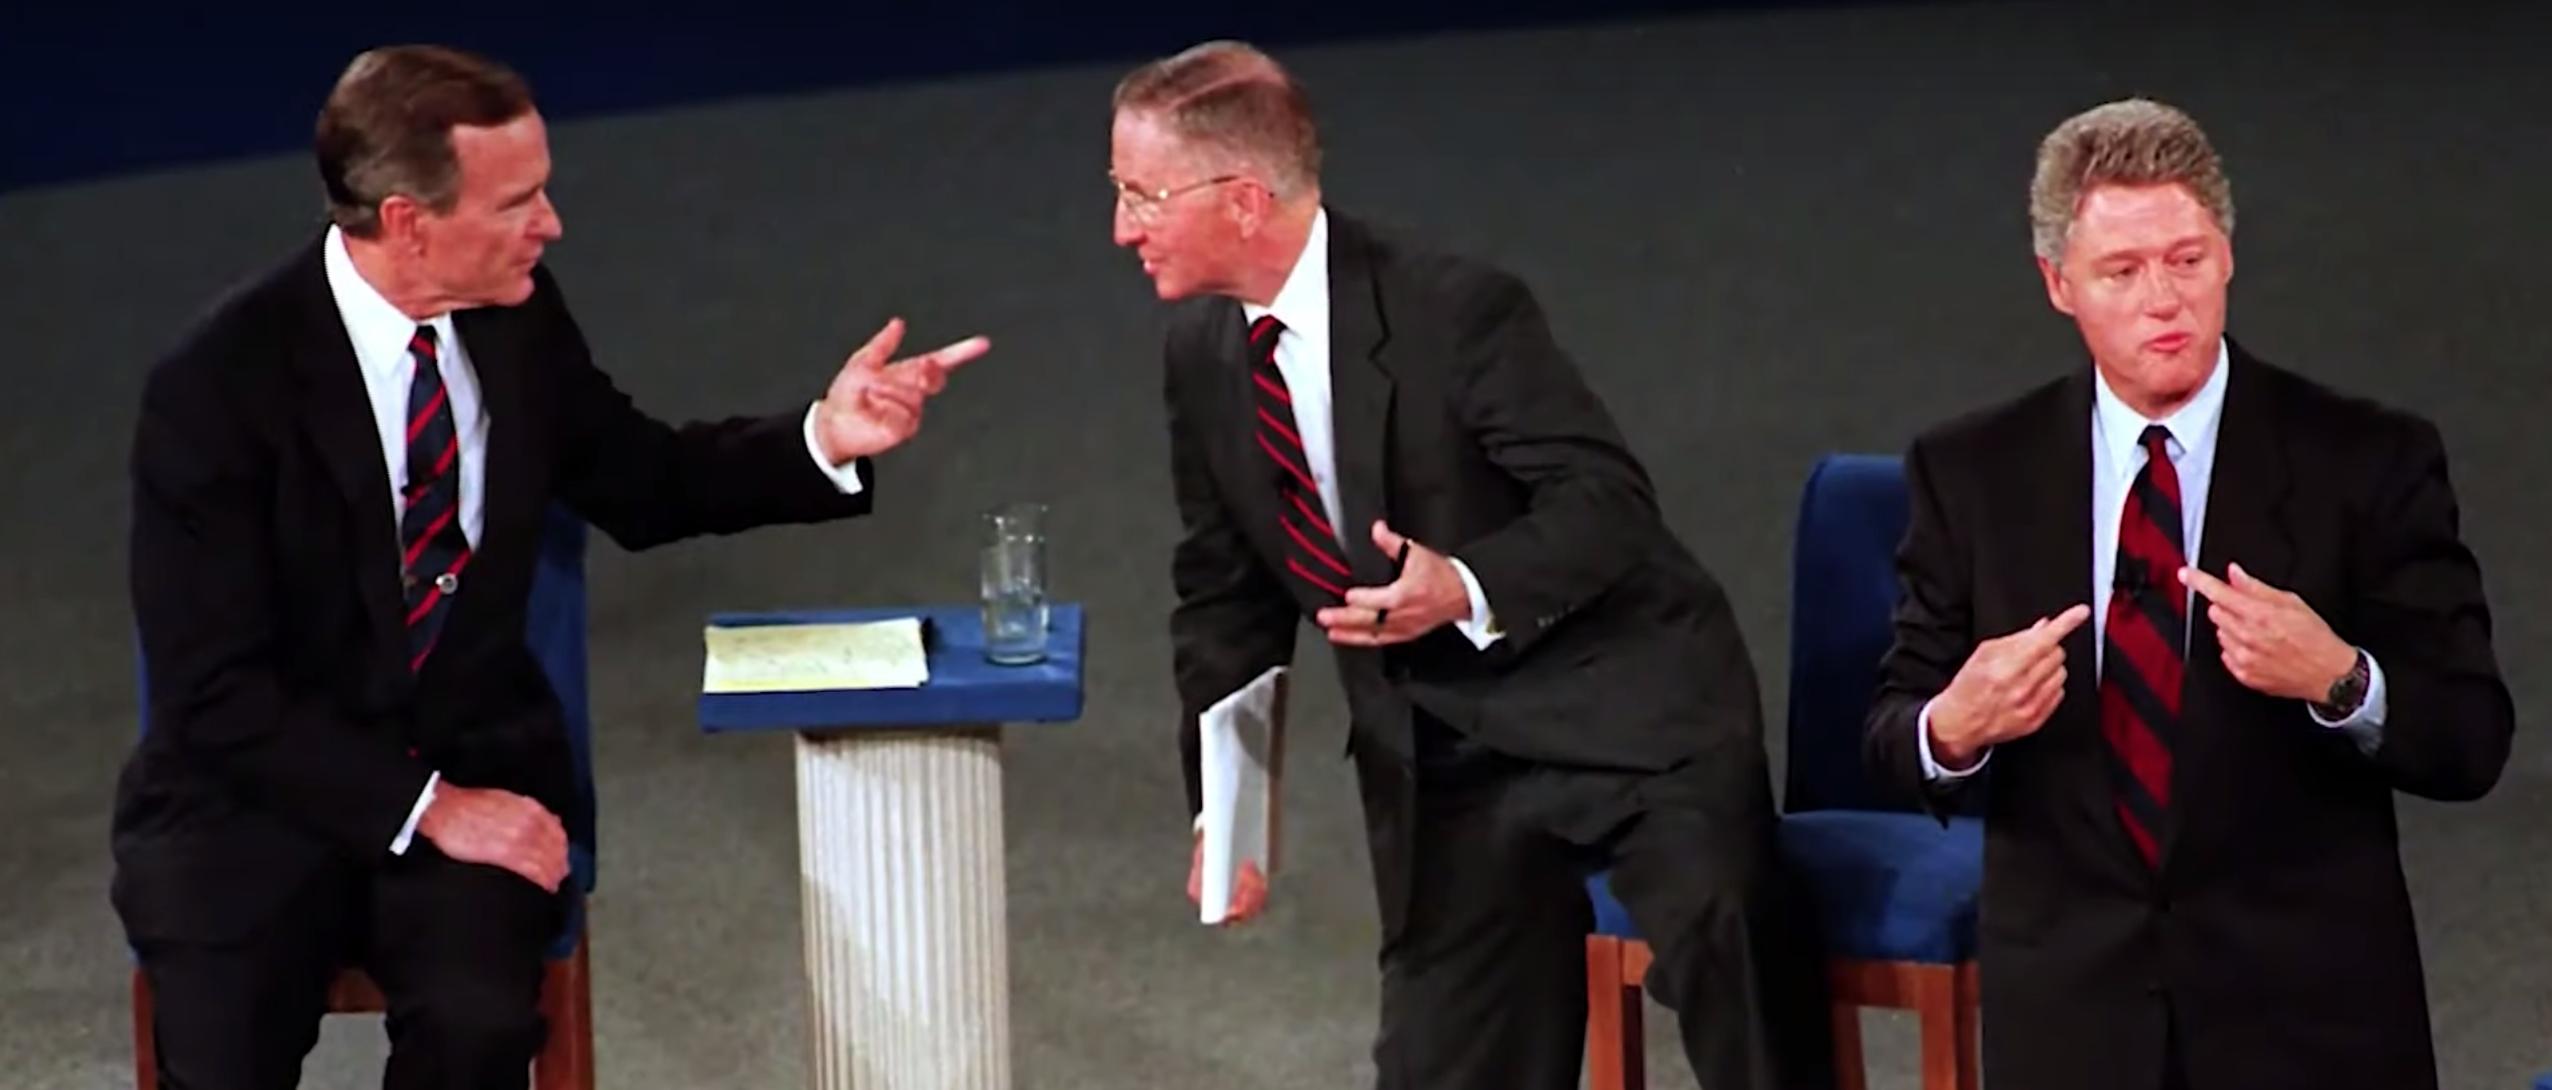 Ross Perot at 1992 debate